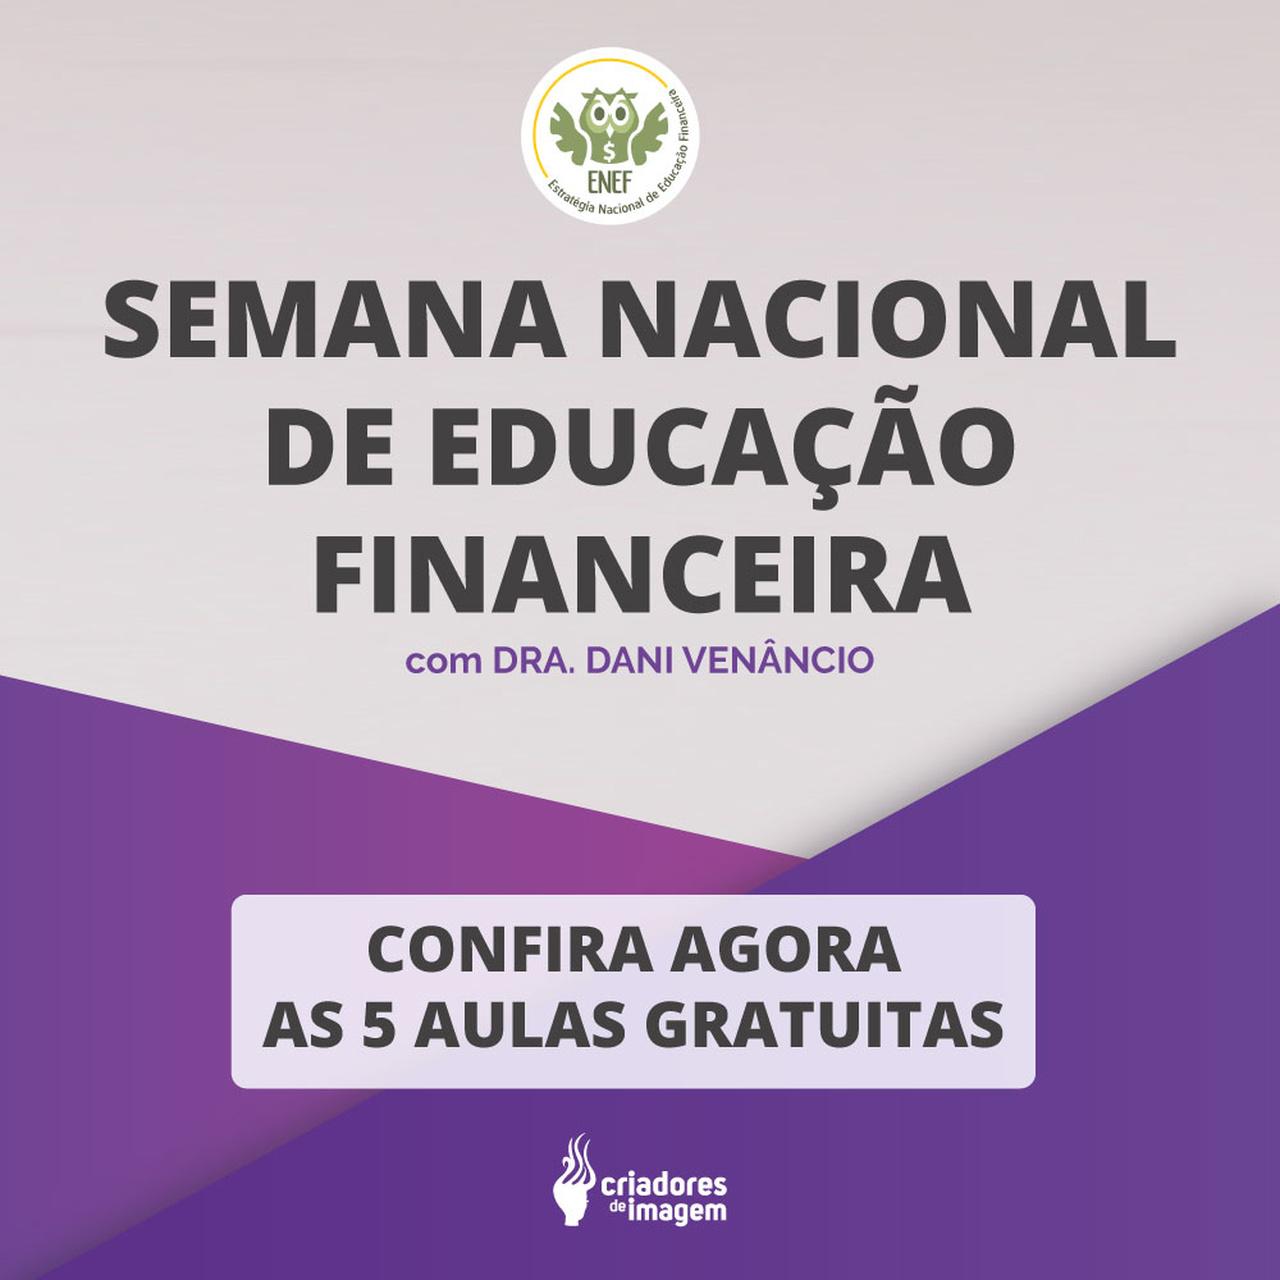 semana nacional da gestao financeira, educação financeira, finanças, salão de beleza, aulas de finanças, Dani Venencio